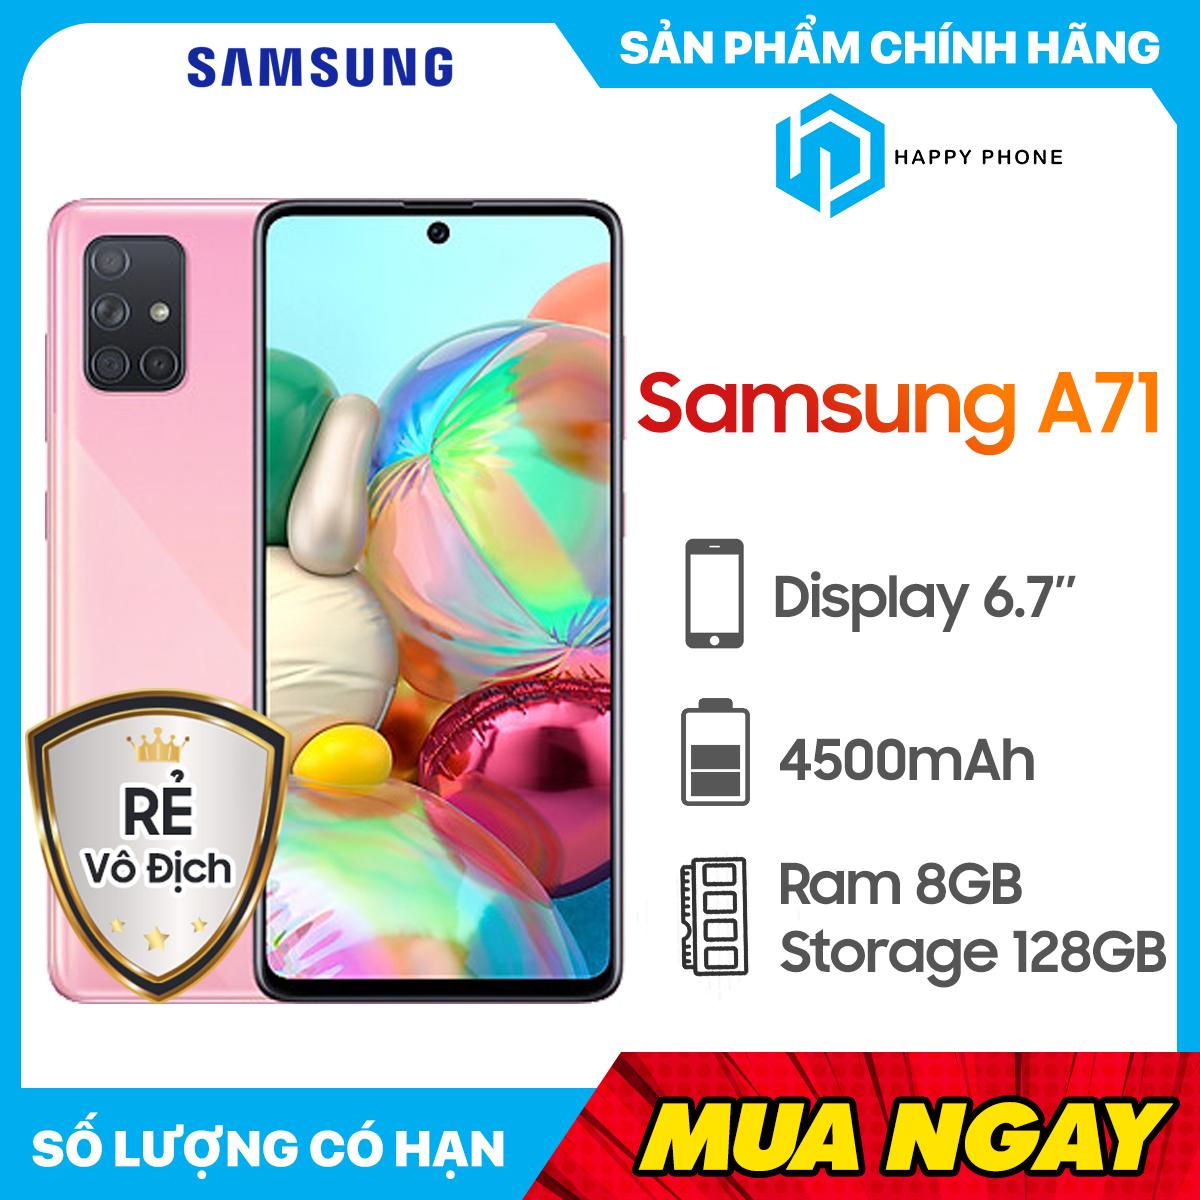 Giá Cực Sốc Khi Mua Điện Thoại Samsung Galaxy A71 ROM 128GB RAM 8GB - Hàng Chính Hãng, Nguyên Seal, Mới 100%, Bảo Hành 12 Tháng